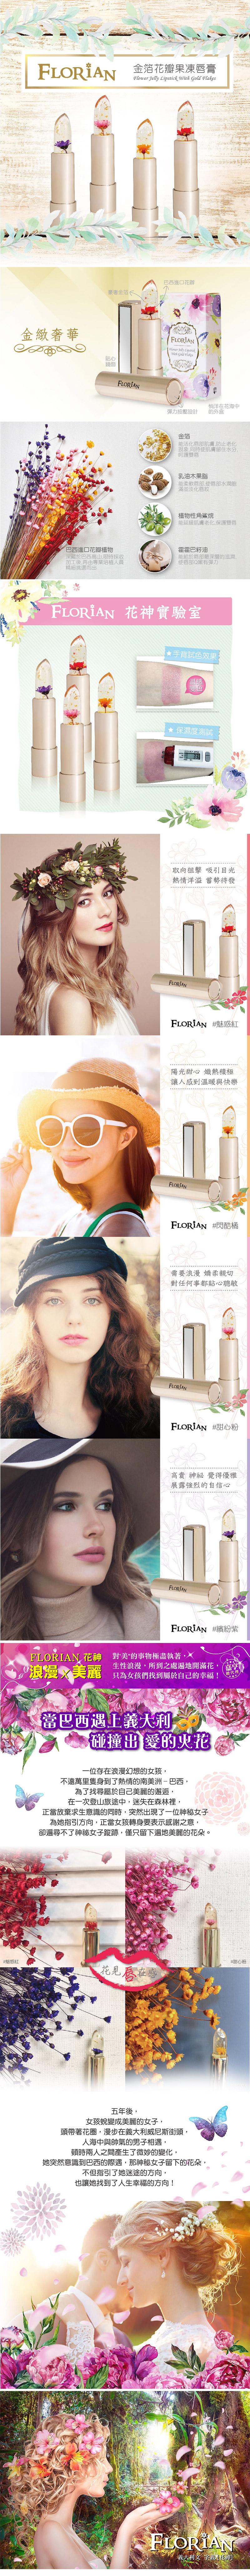 Florian 金箔花瓣果凍唇膏 3.8g 多色可選 美妝,保養,唇部保養,變色護唇膏,口紅